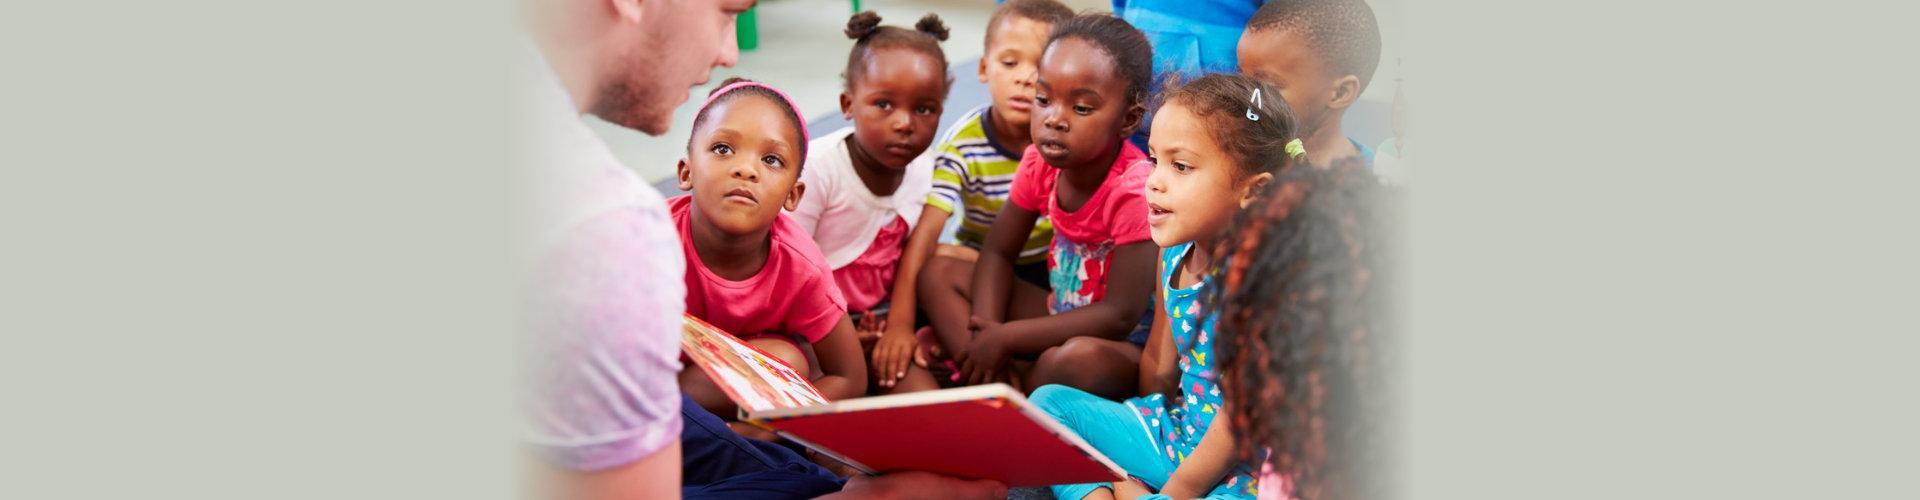 children listening to the teacher